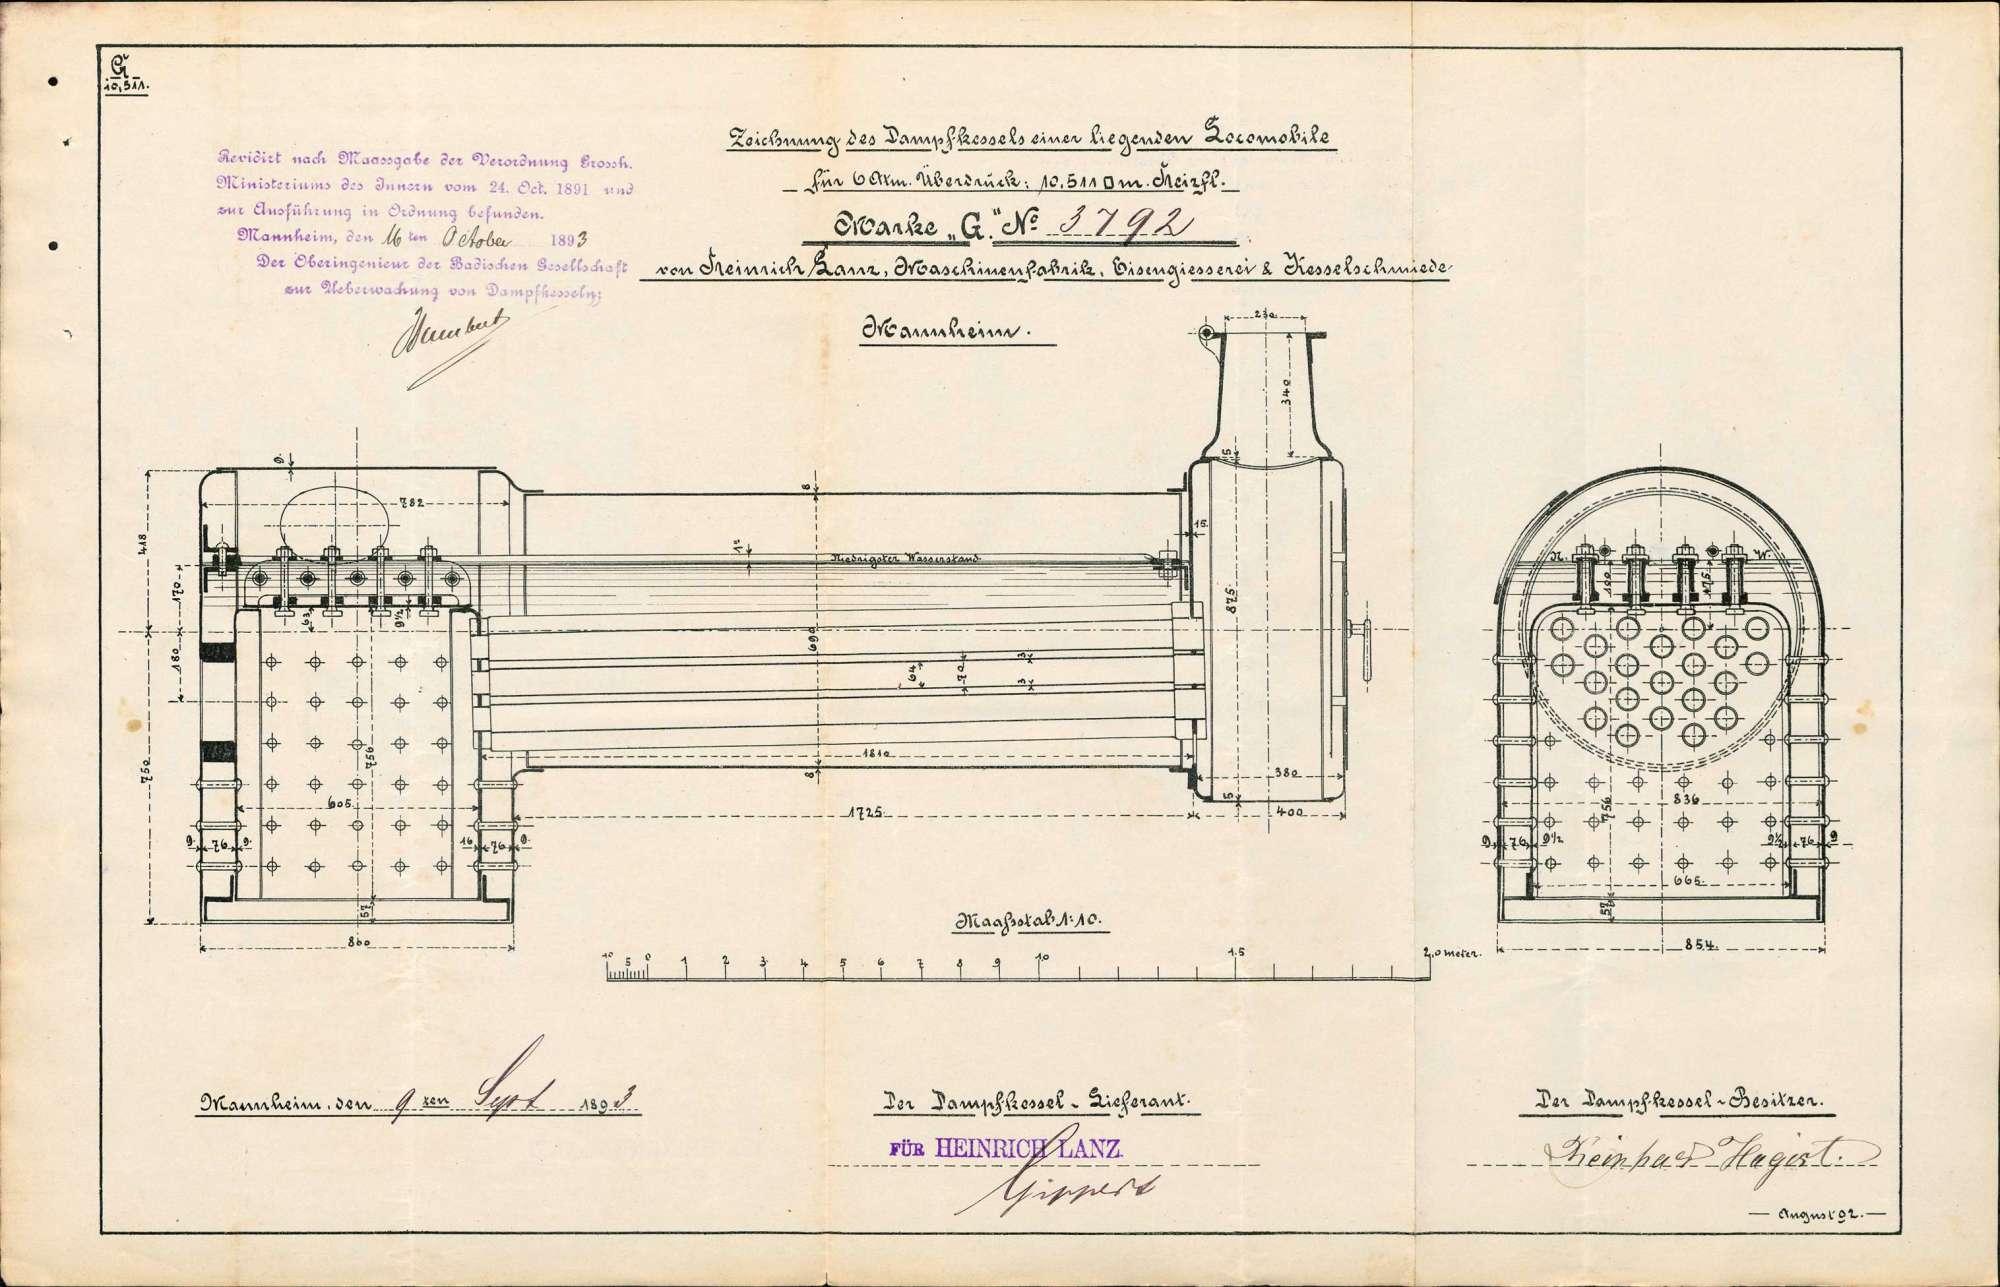 Gesuch des Reinhard Hagist in Eimeldingen um Erlaubnis zur Anlegung eines Dampfkessels, Bild 3